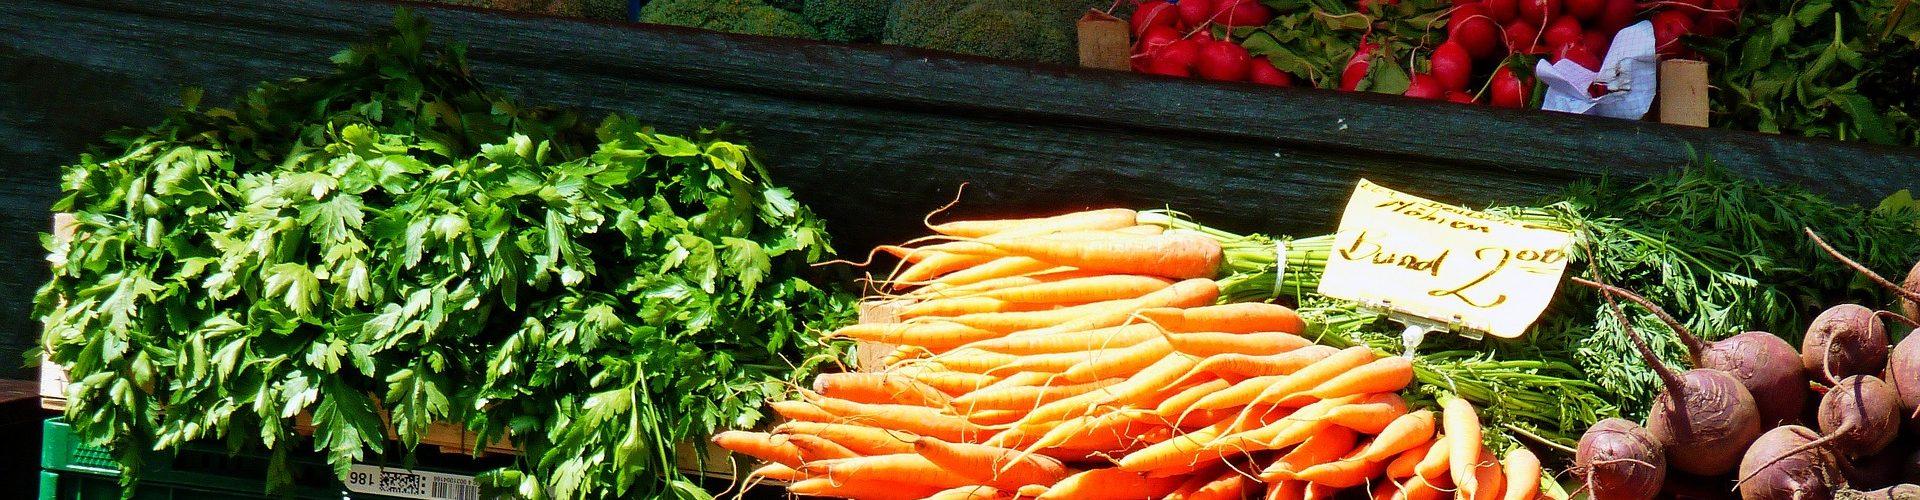 Unser Marktstand an der Stadtkirche in Offenburg bietet Ihnen frisches Obst und Gemüse.